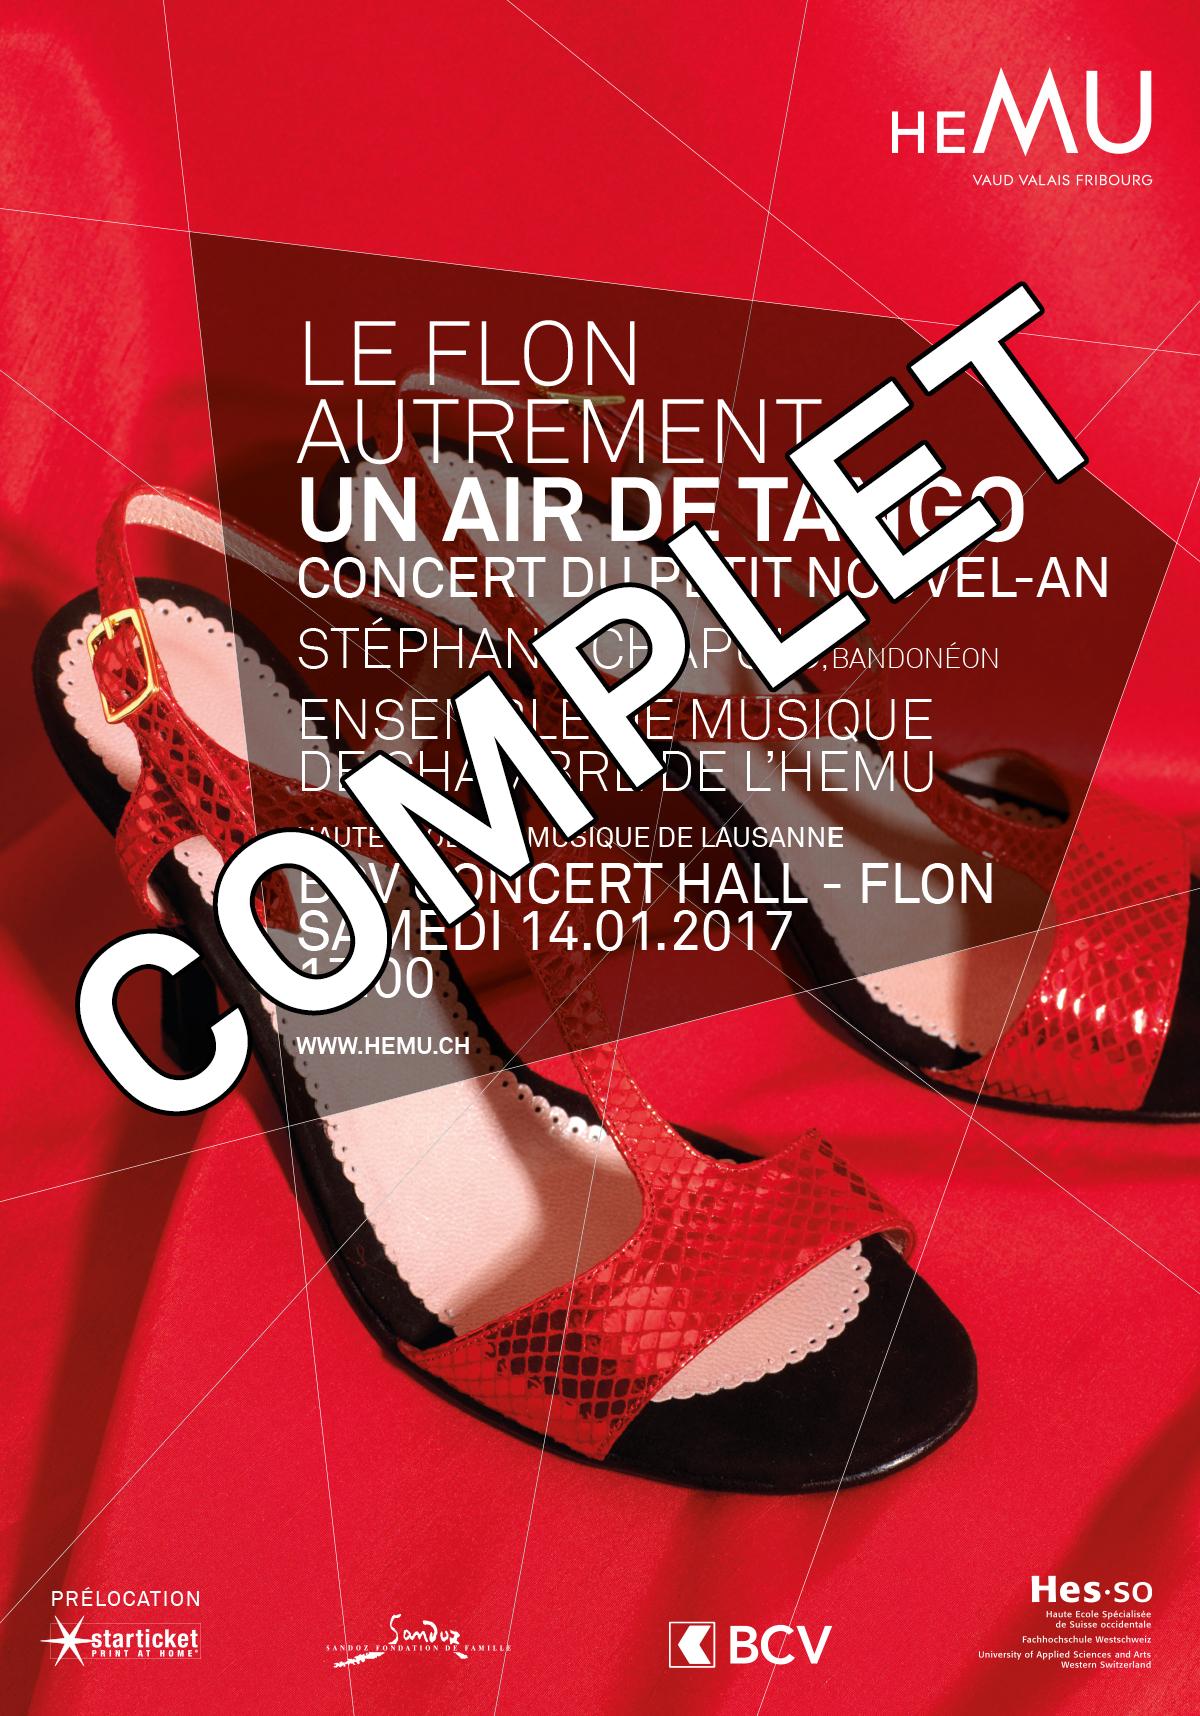 Le Flon autrement : Un air de tango, Concert du Petit Nouvel-An